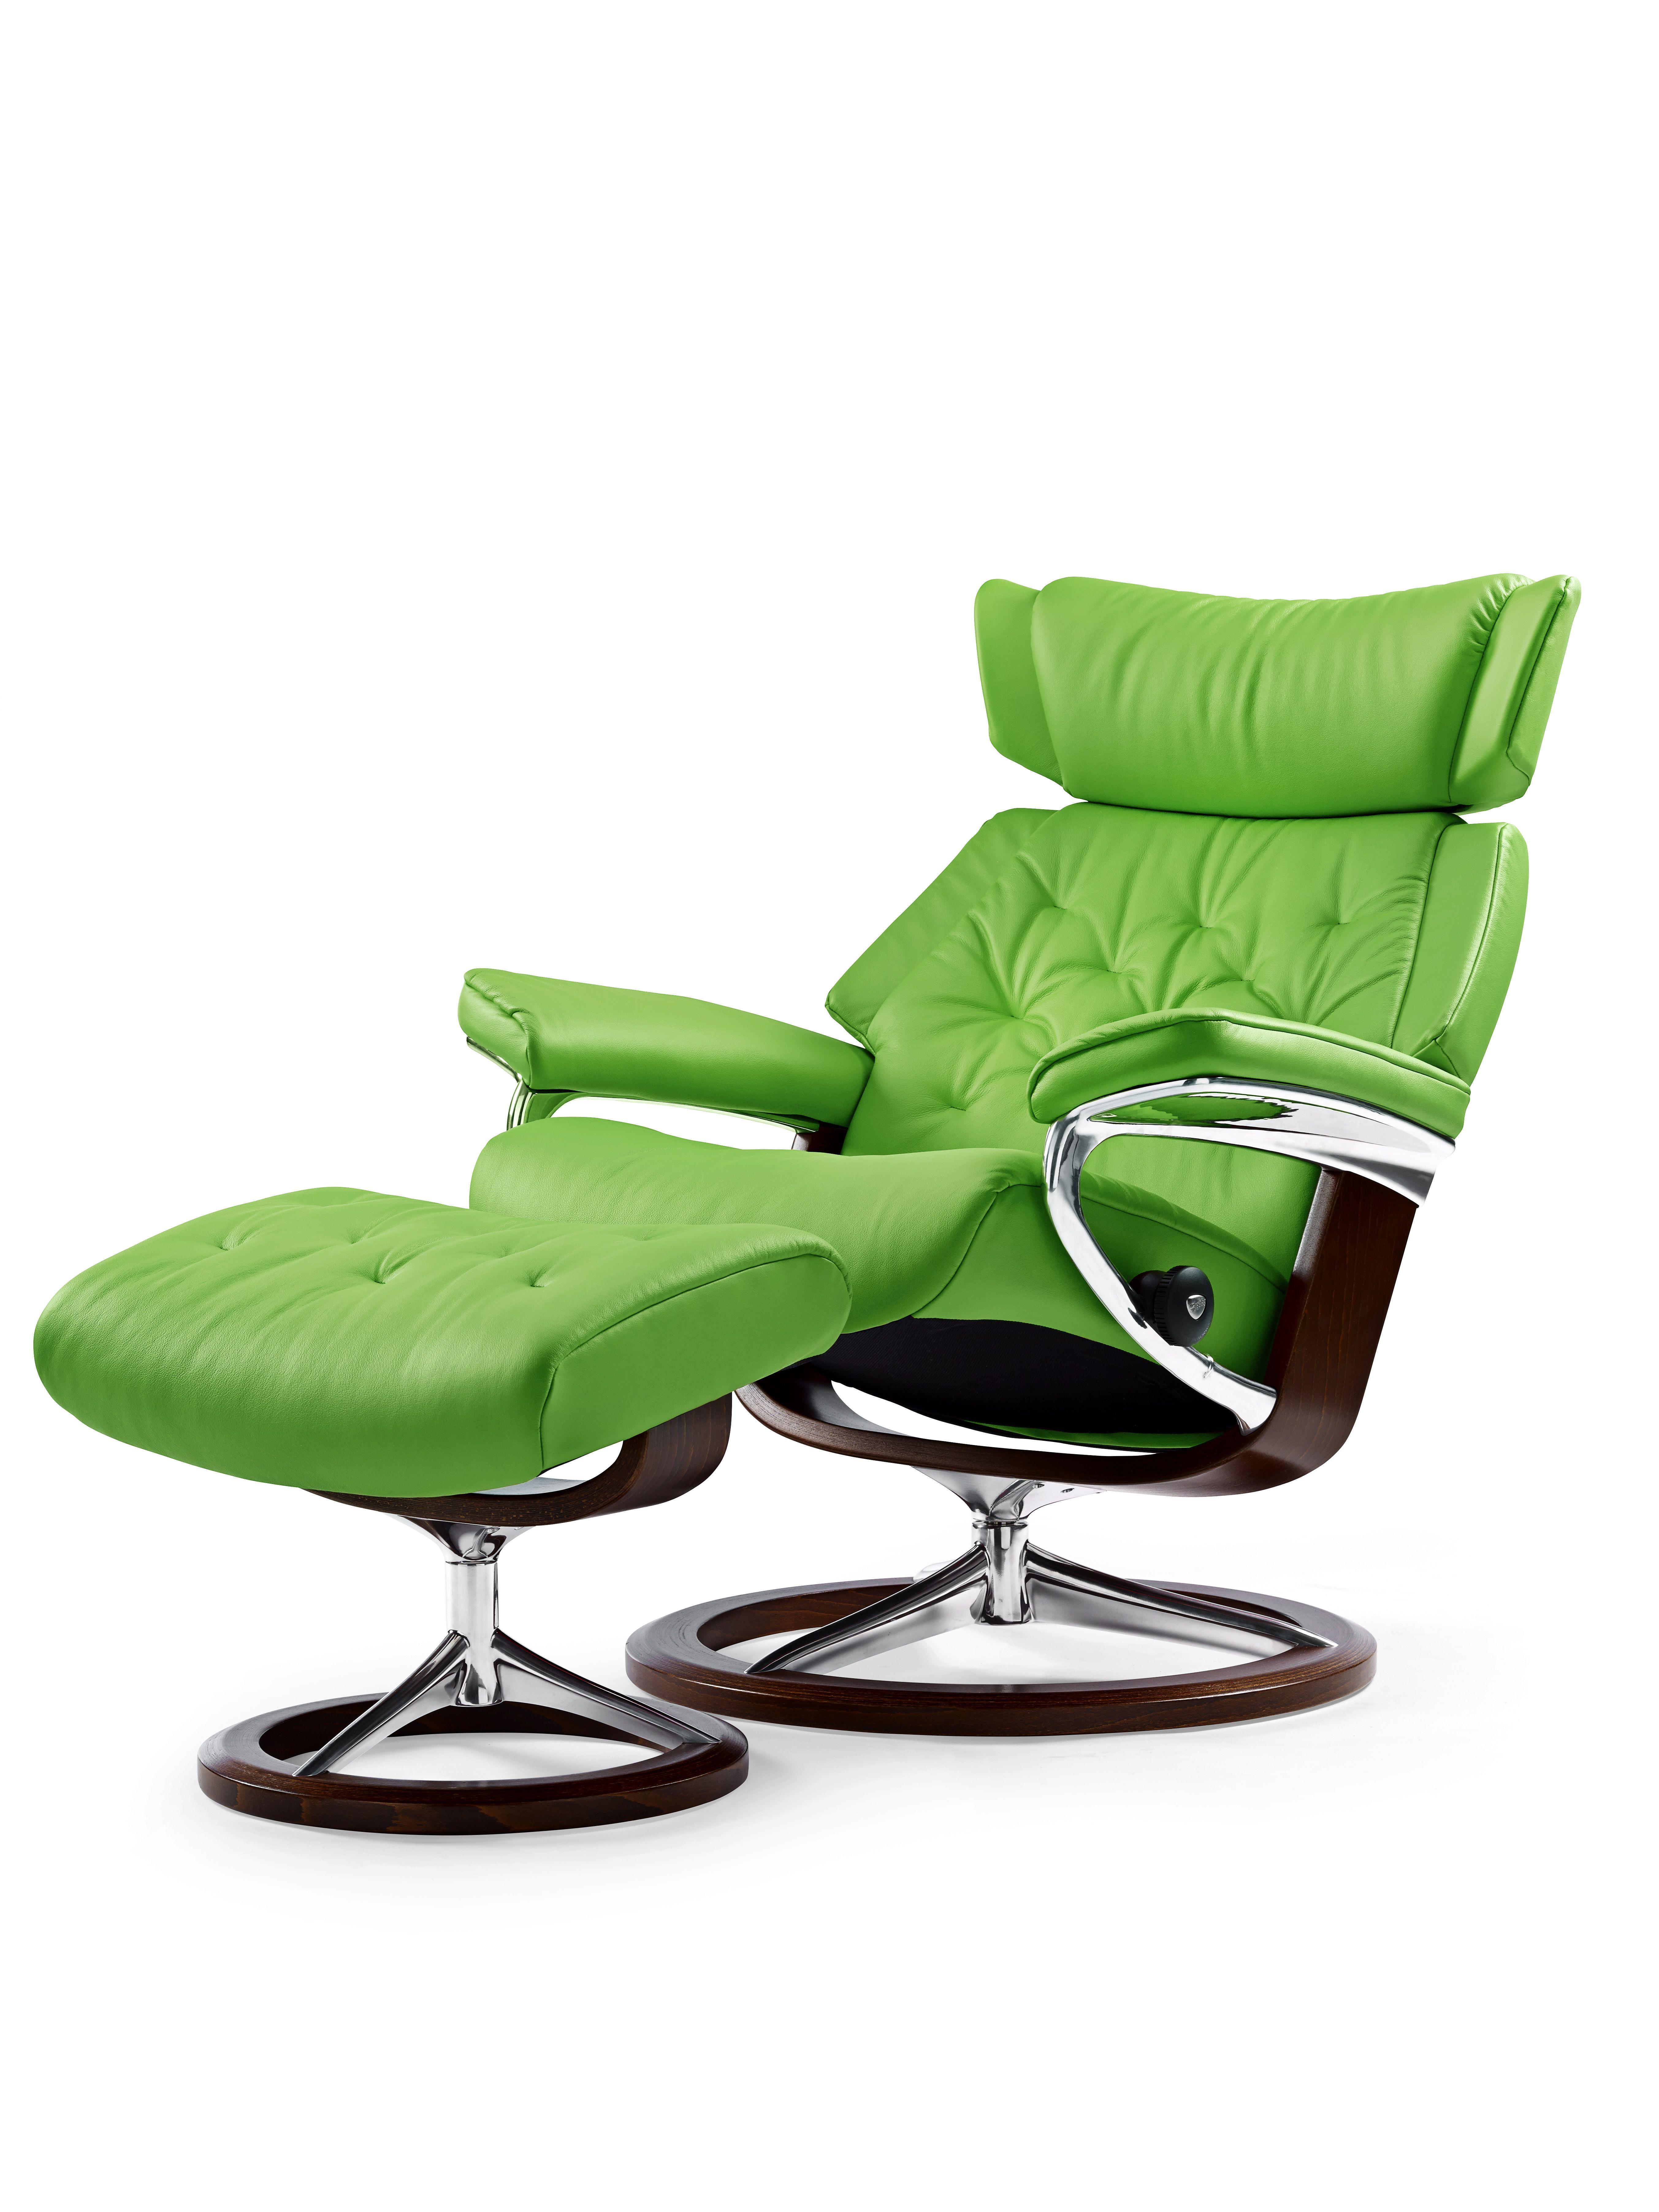 Der Leichte Stressless Skyline Sessel Hat Ein Spezielles Retro Design. Mit  Balance Adapt Wird Die Sitzposition Automatisch Eingestellt.